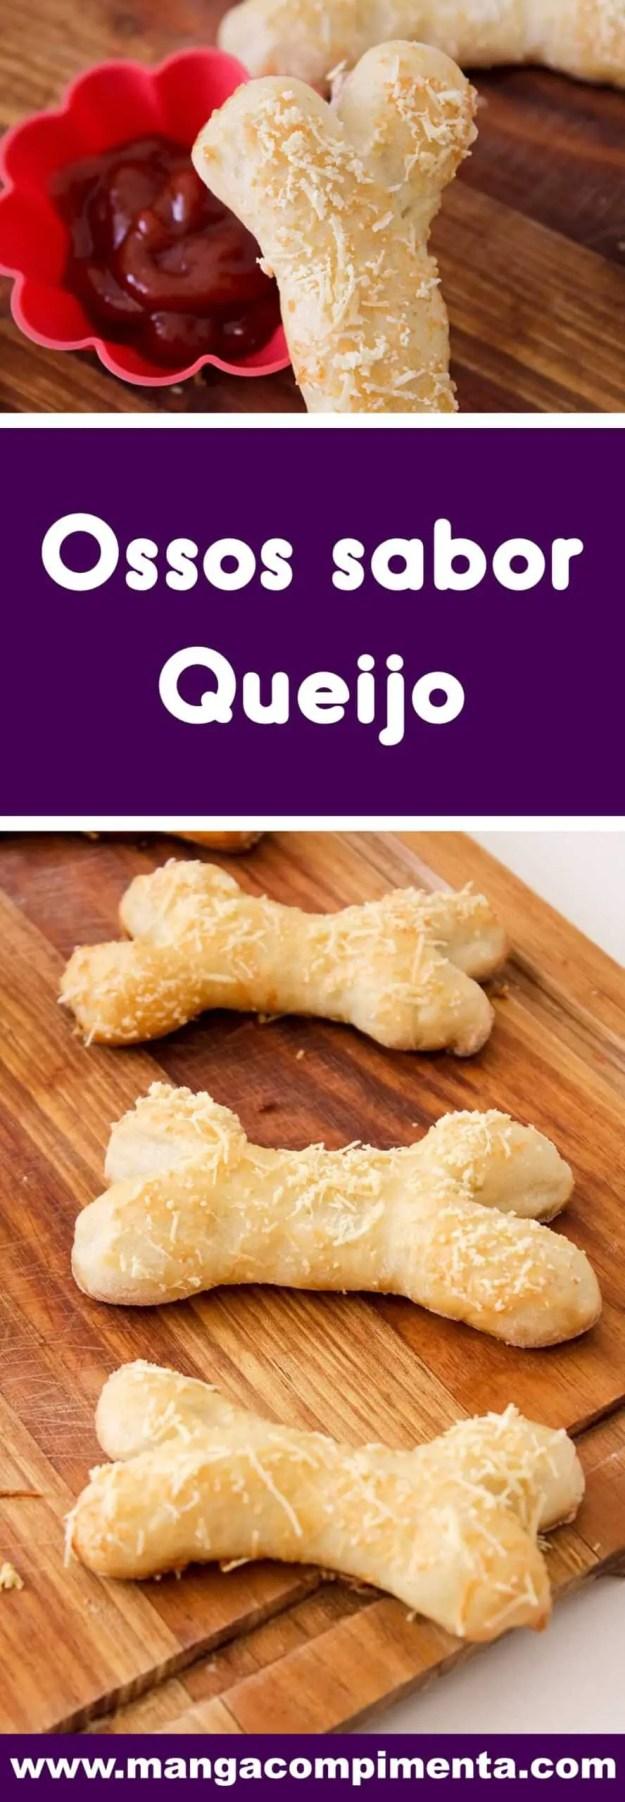 Receita de Petisco de Pão em formato de Ossos sabor Queijo - prepare para servir no dia das bruxas nesse Halloween.